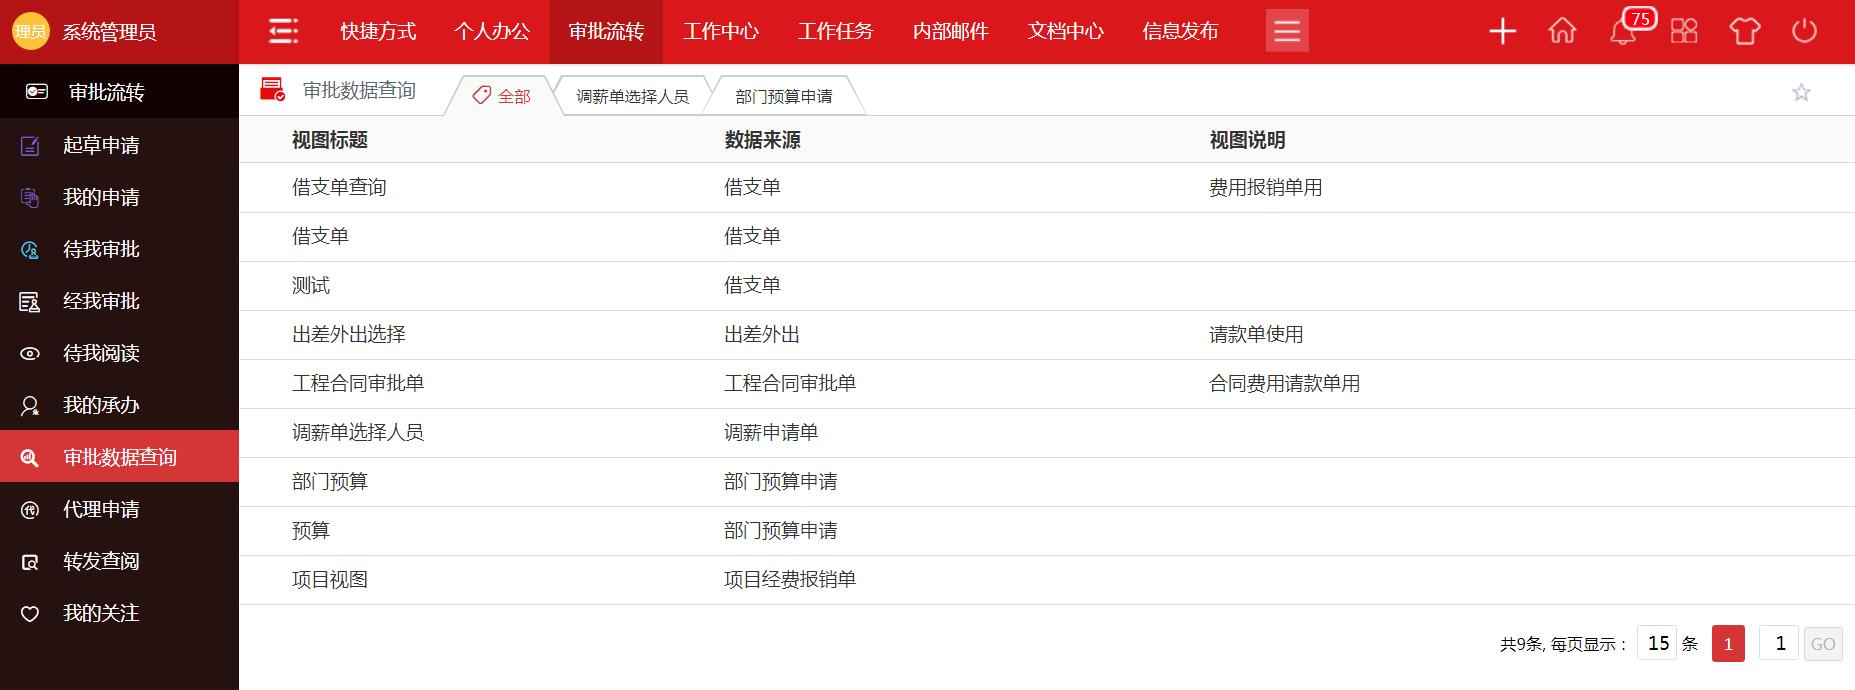 【OA技术派】华天动力OA协同管理平台含金量述评